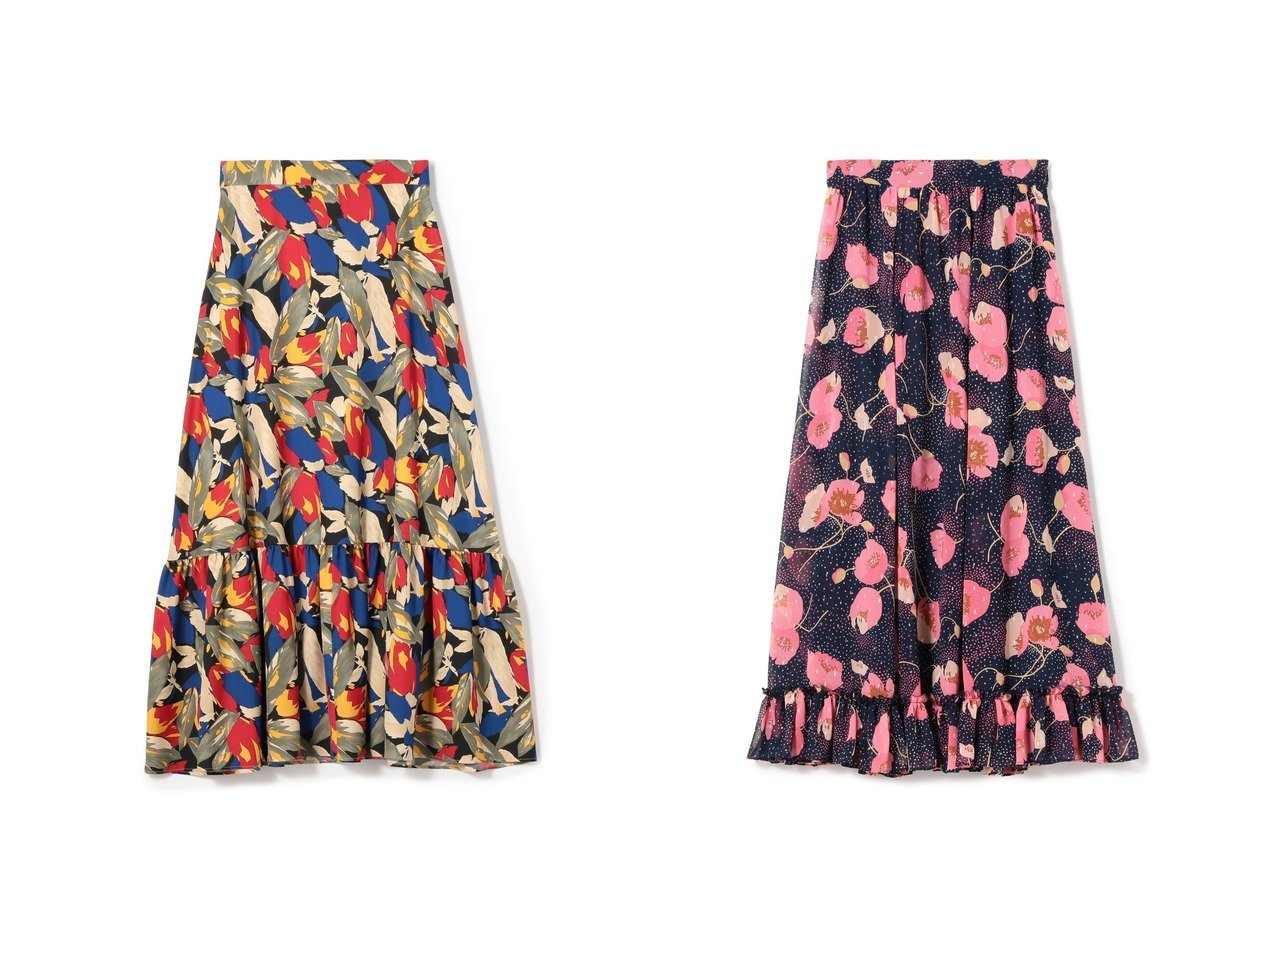 【ESTNATION/エストネーション】のリーフプリントティアードスカート&フラワープリントロングスカート おすすめ!人気トレンドファッションの通販 おすすめで人気のファッション通販商品 インテリア・家具・キッズファッション・メンズファッション・レディースファッション・服の通販 founy(ファニー) https://founy.com/ ファッション Fashion レディース WOMEN スカート Skirt ティアードスカート Tiered Skirts ロングスカート Long Skirt ティアードスカート トレンド プリント |ID:crp329100000005991